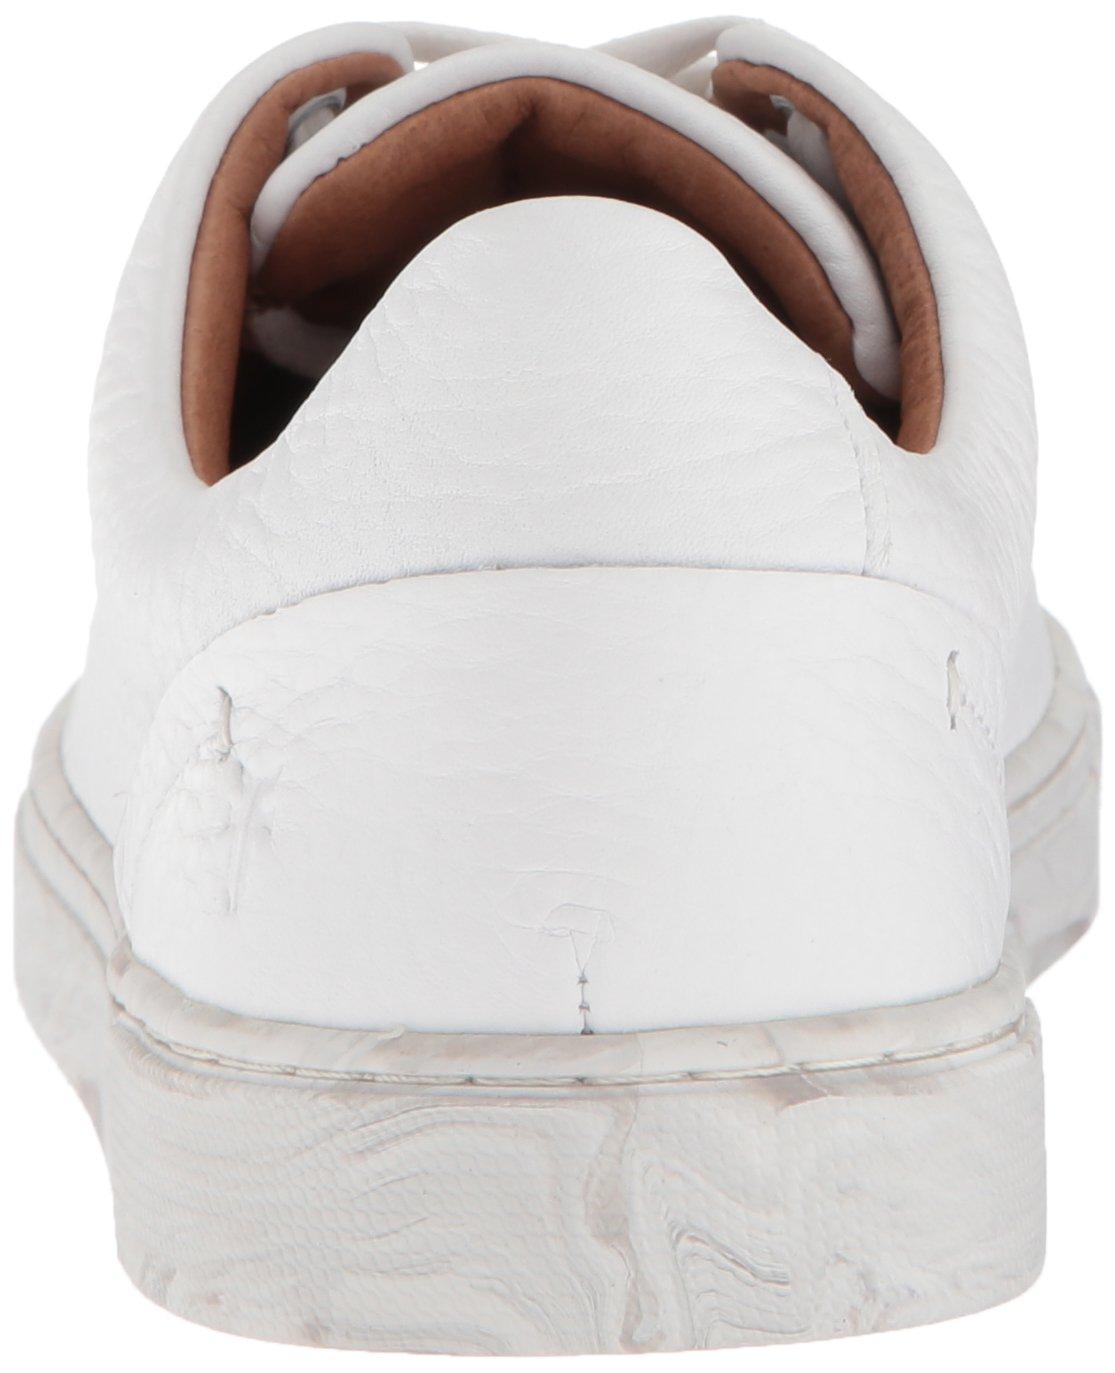 FRYE Women's Ivy Low Lace Sneaker B071JSN721 5.5 B(M) US White